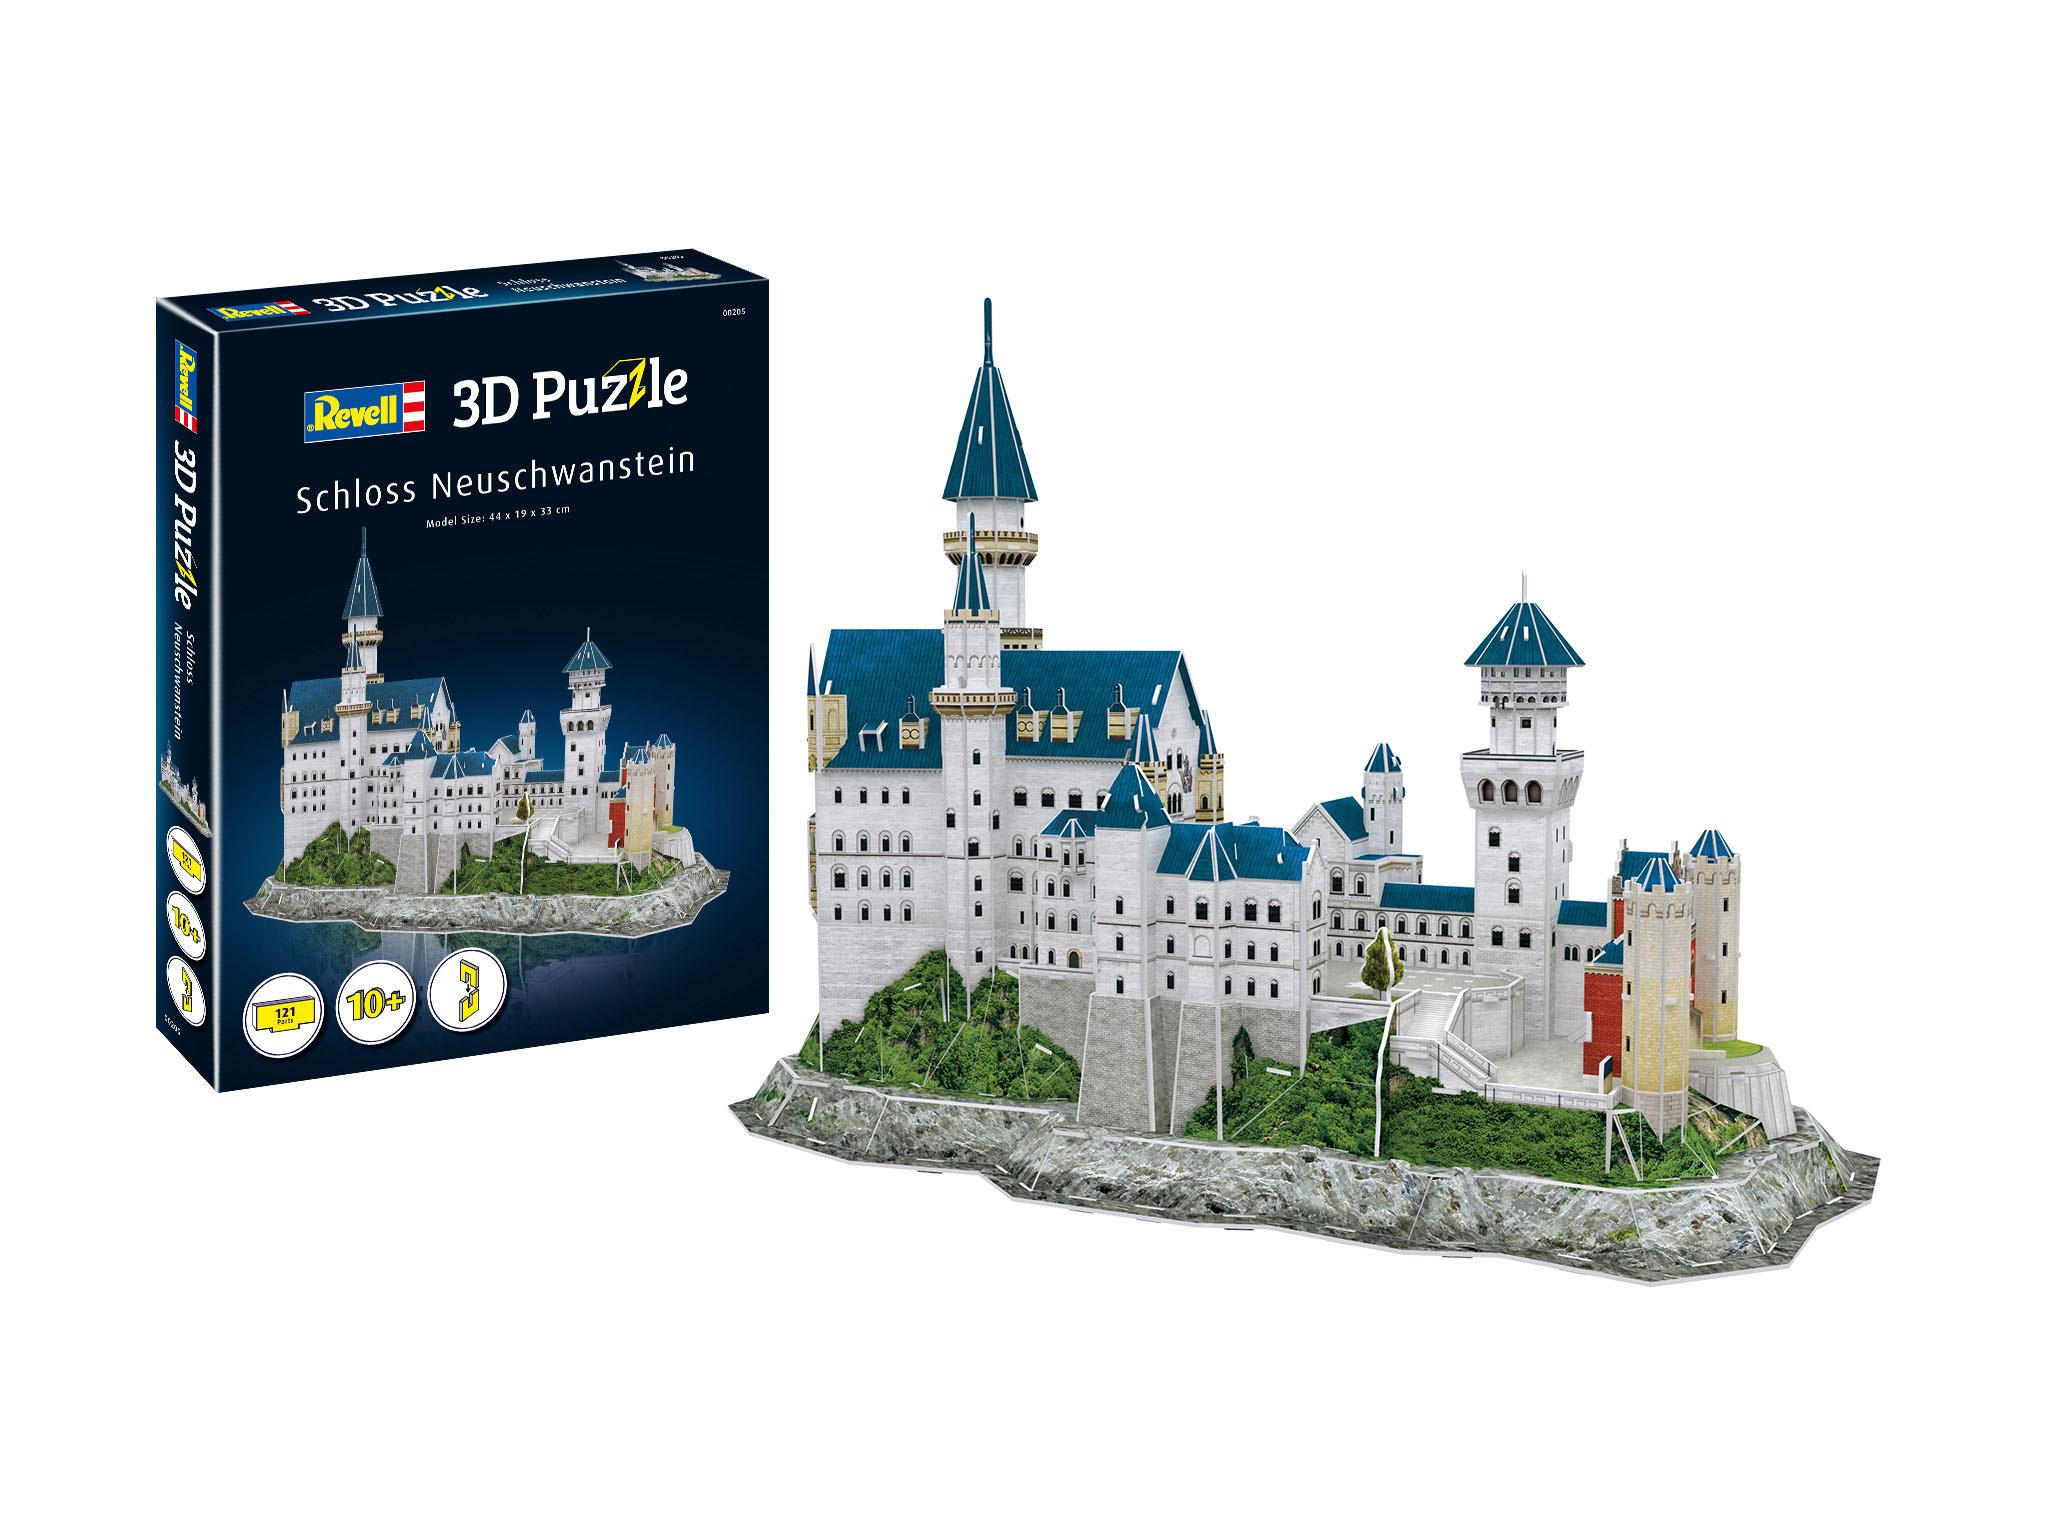 Revell 3D Puzzle - Schloss Neuschwanstein 00205